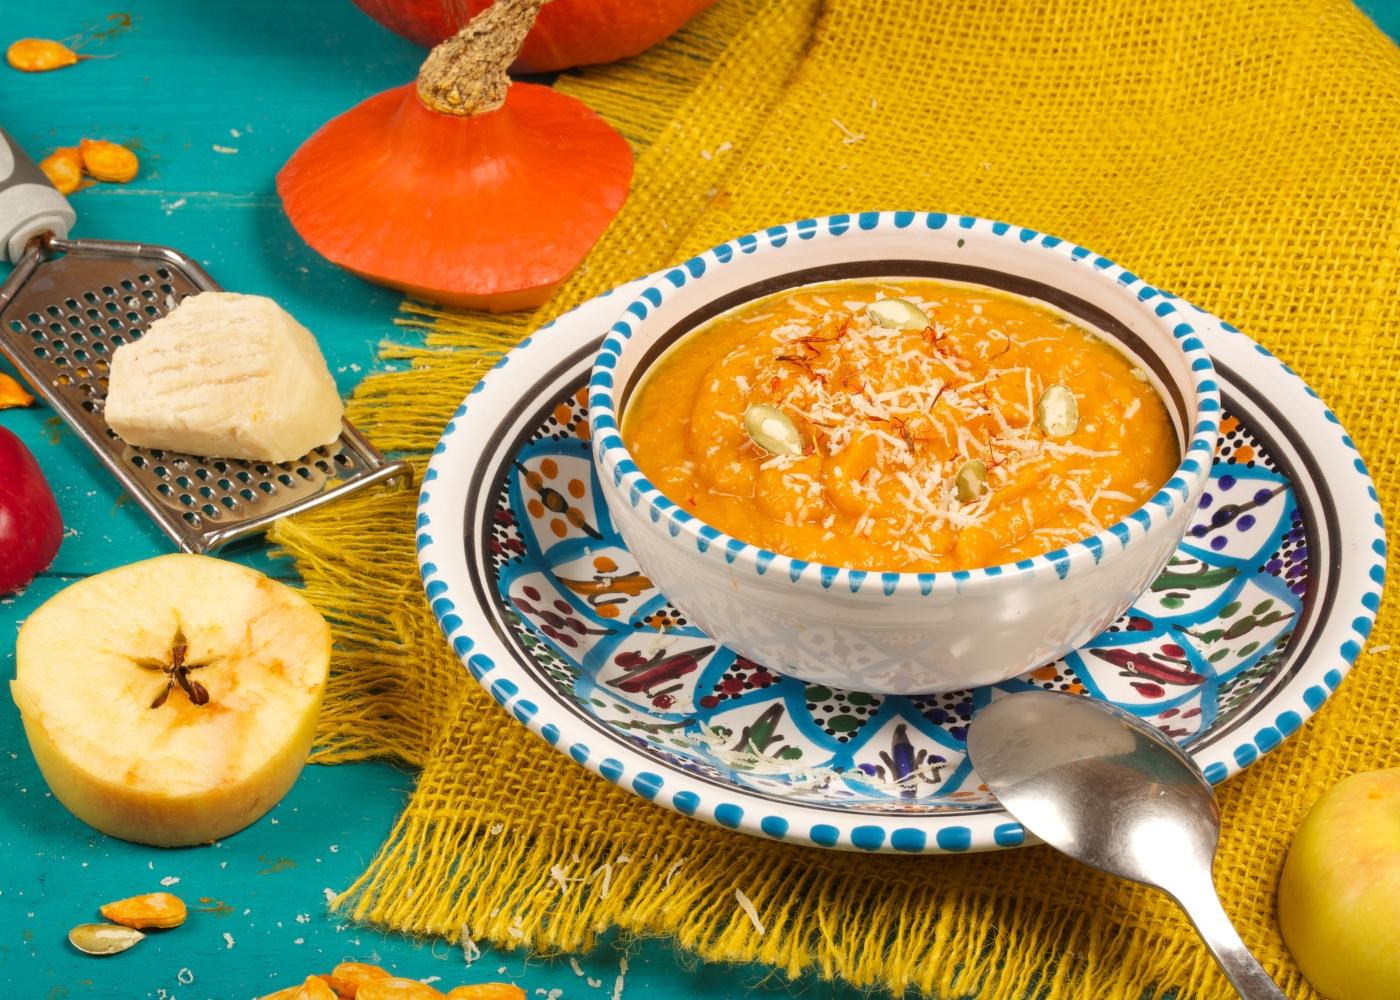 prato de sopa de abóbora com maçã